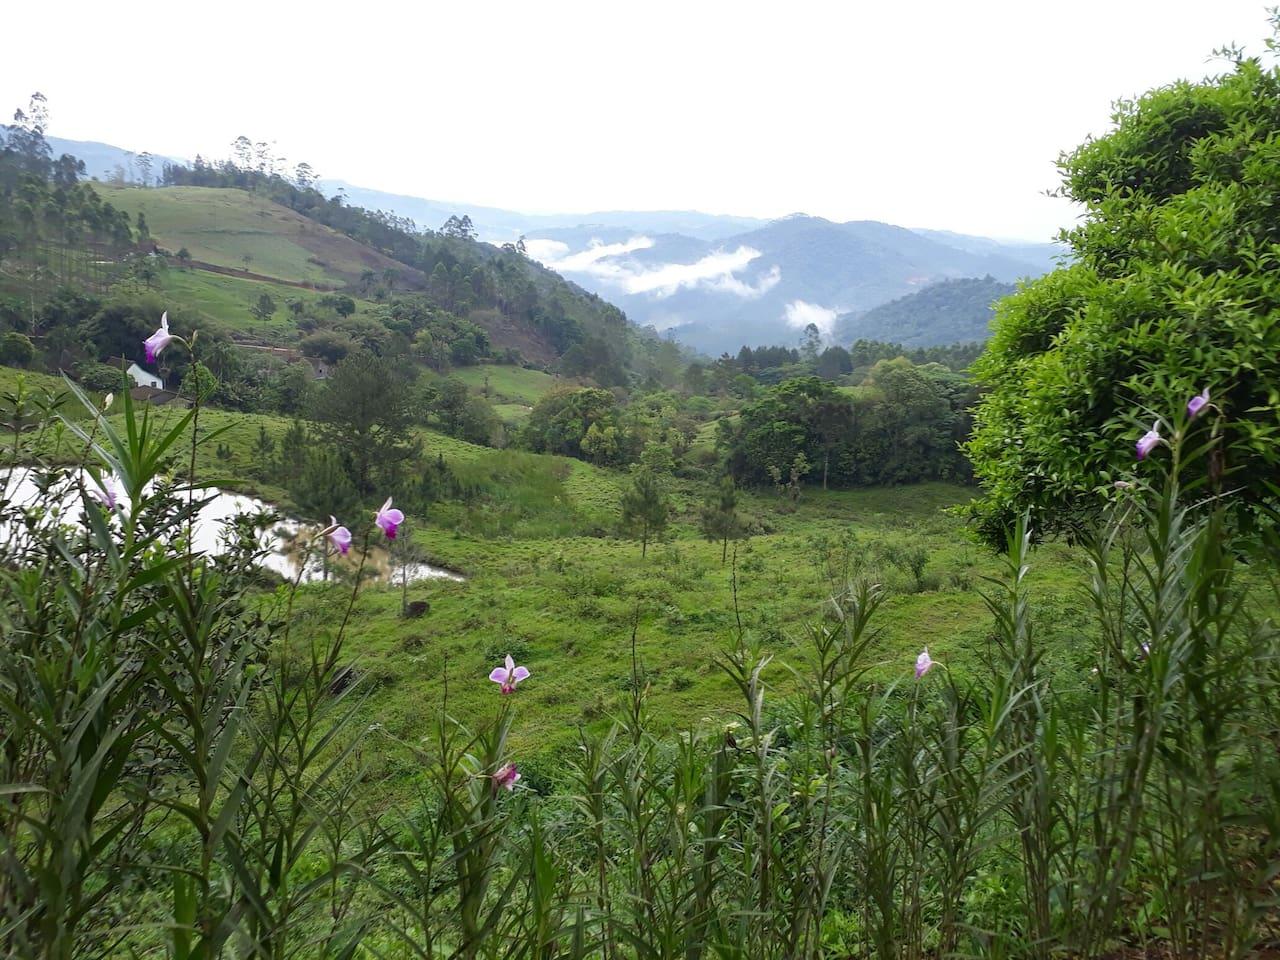 Vista do Vale das montanhas